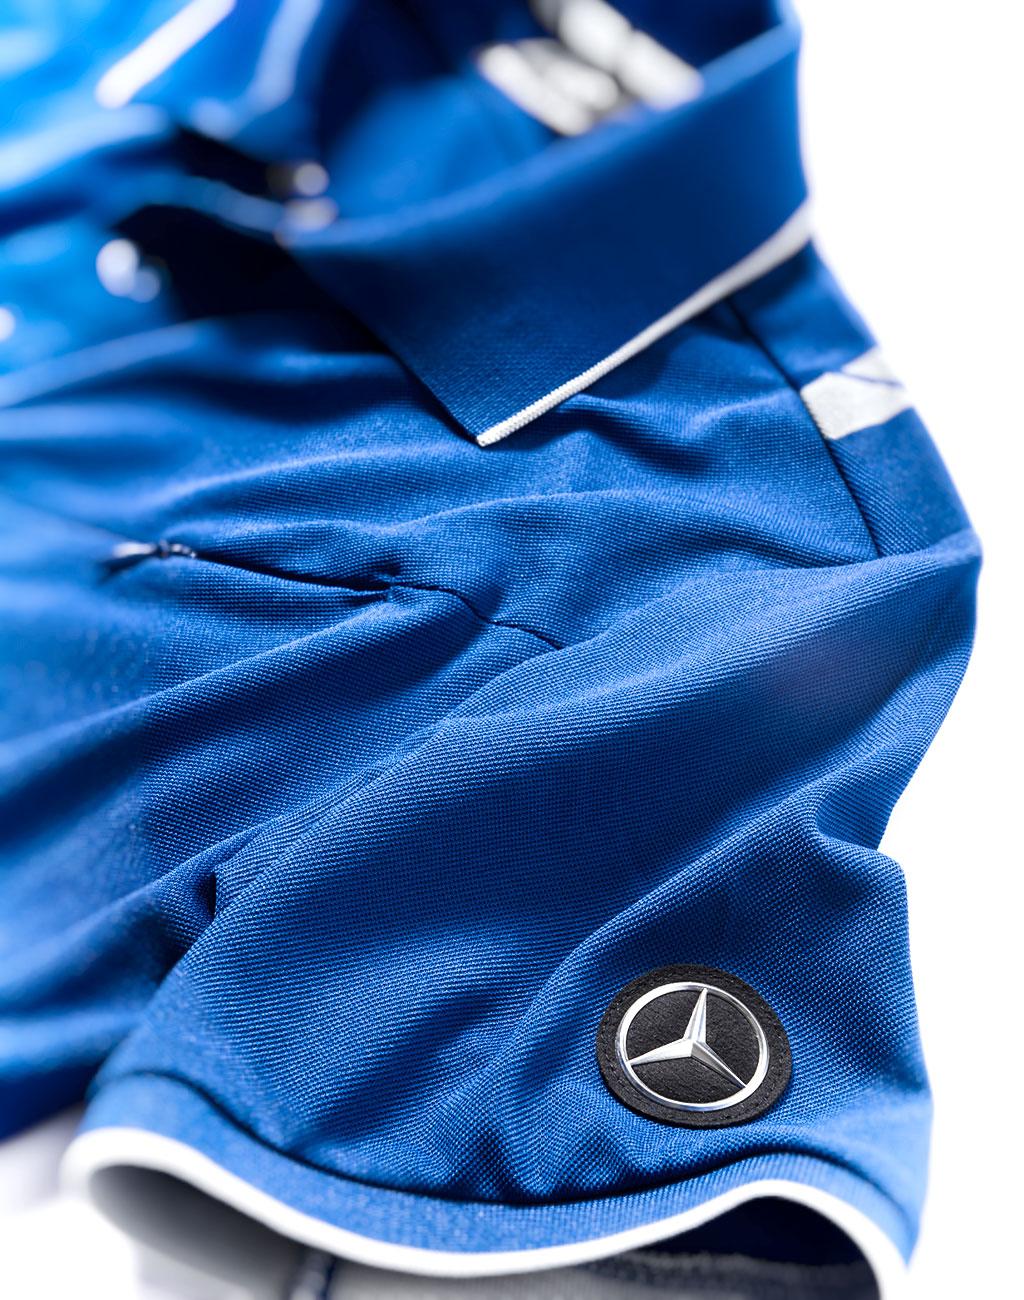 Aufnahme zum neuen Katalog 2016 für Mercedes Benz Accessories - Daimler Benz